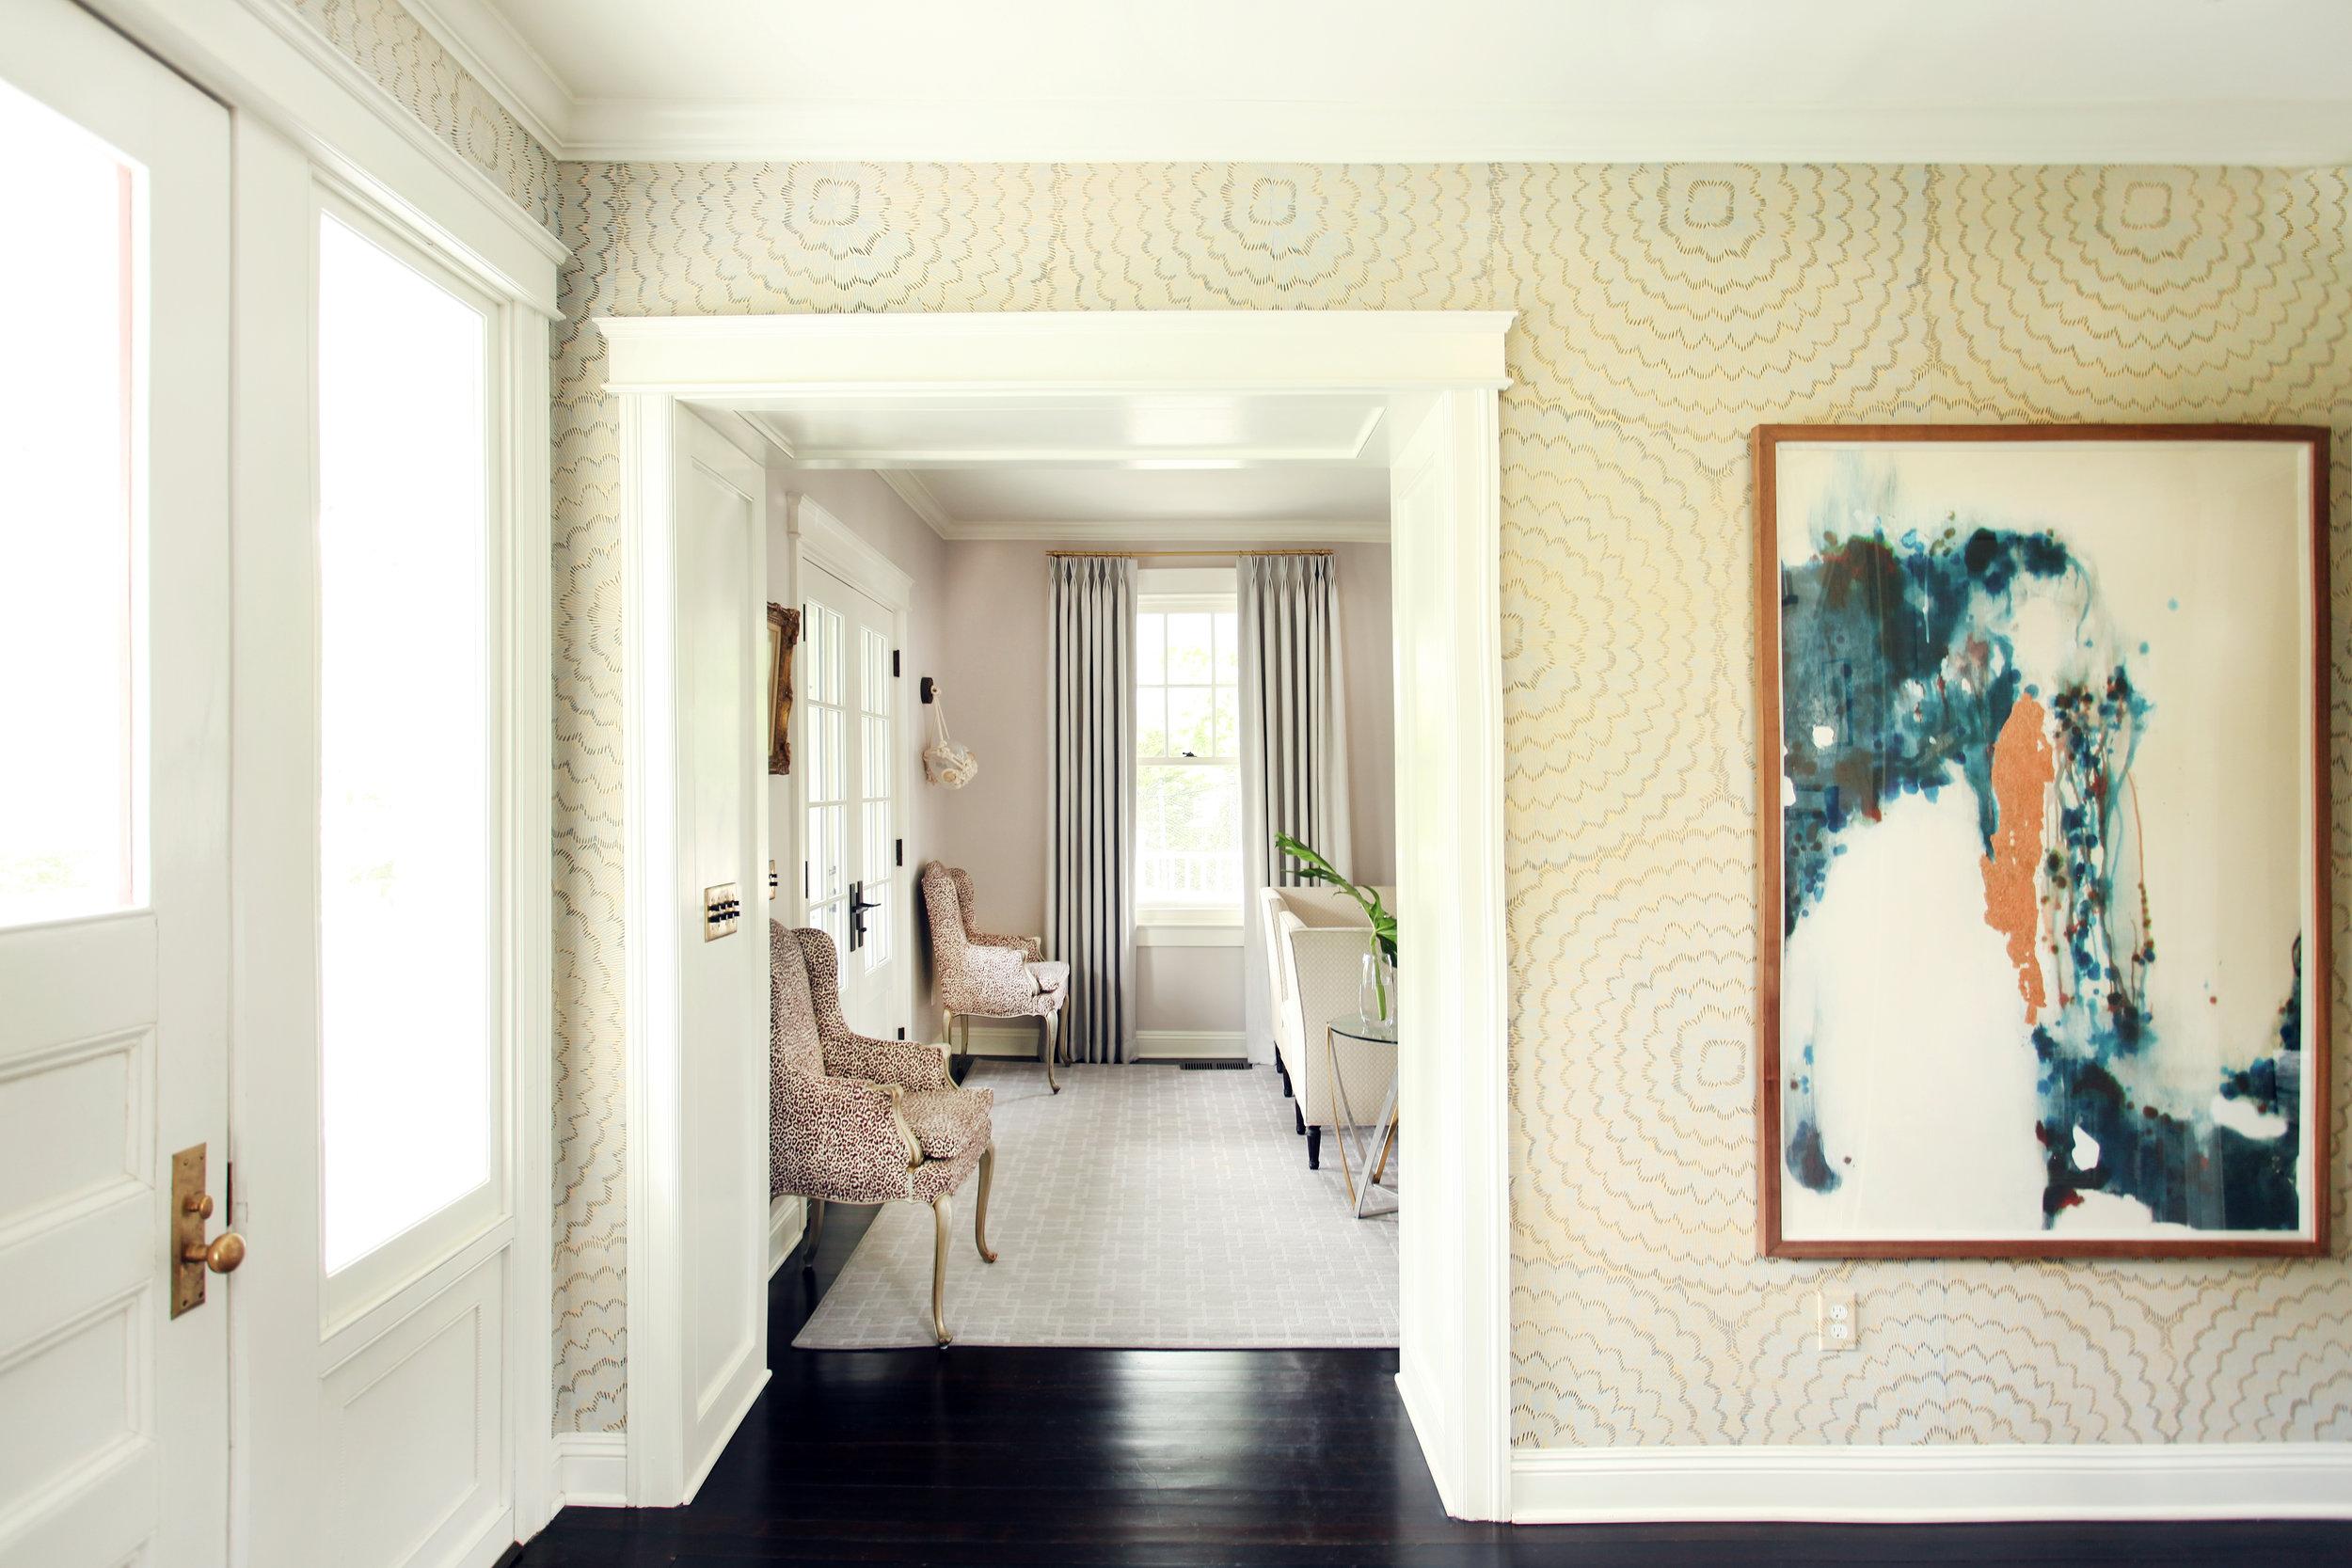 Top Long Island interior designer Eileen Kathryn Boyd